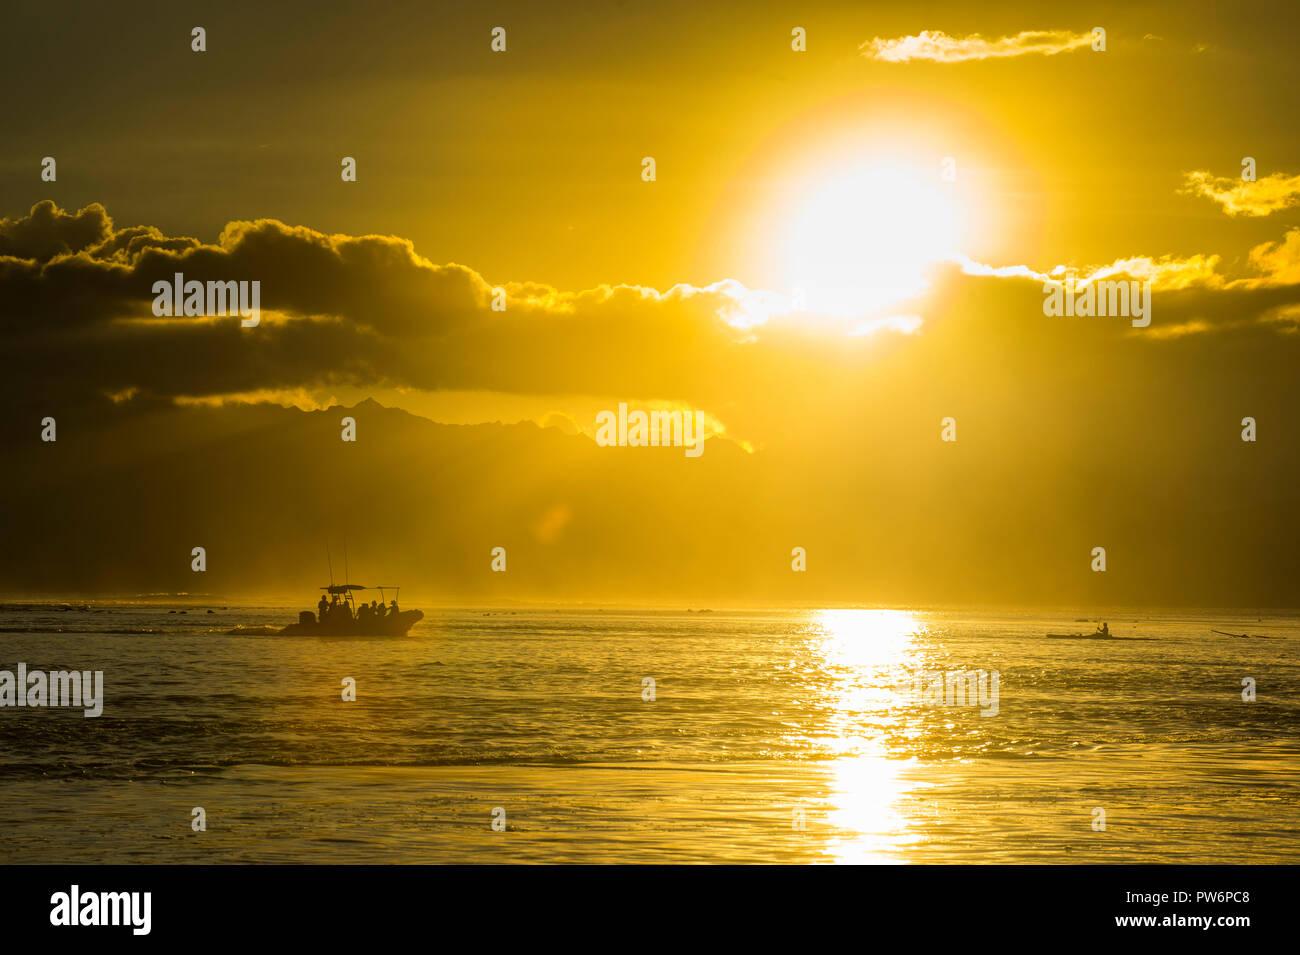 Sihouette di una piccola barca al tramonto, Papeete, Tahiti Immagini Stock